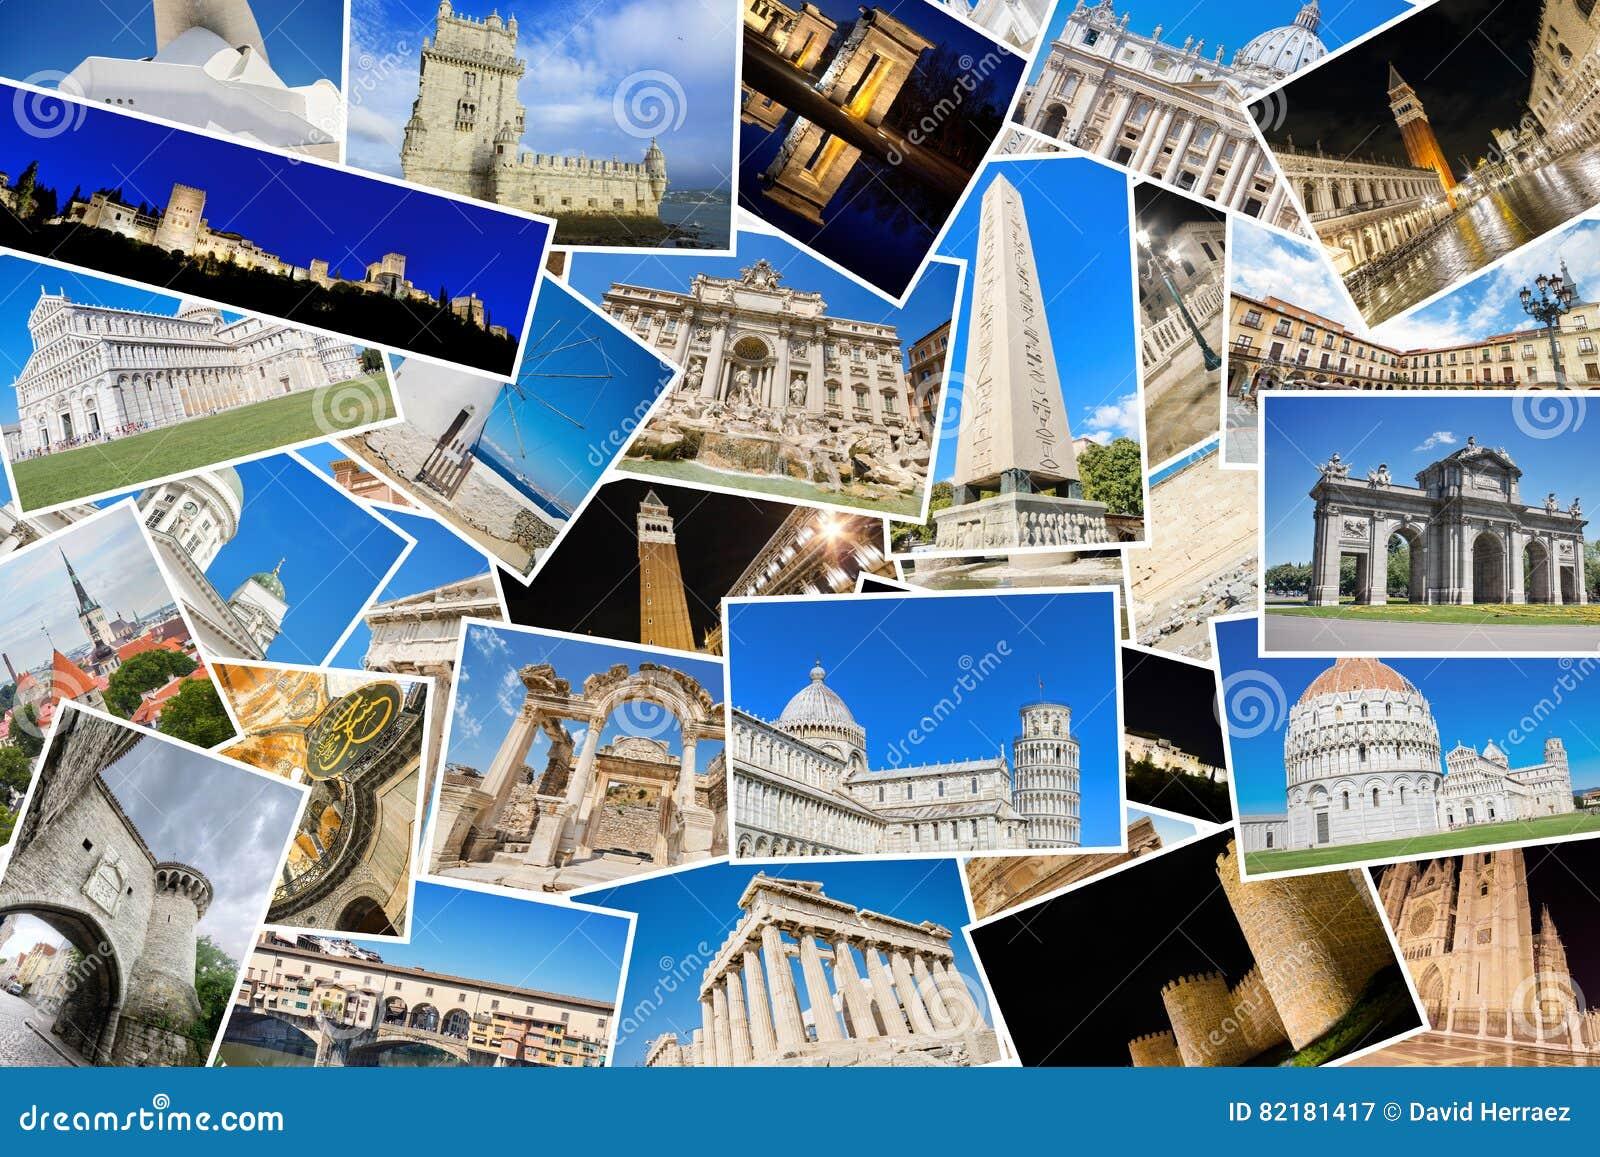 Un collage de mes meilleures photos de voyage des points de repère célèbres des villes européennes